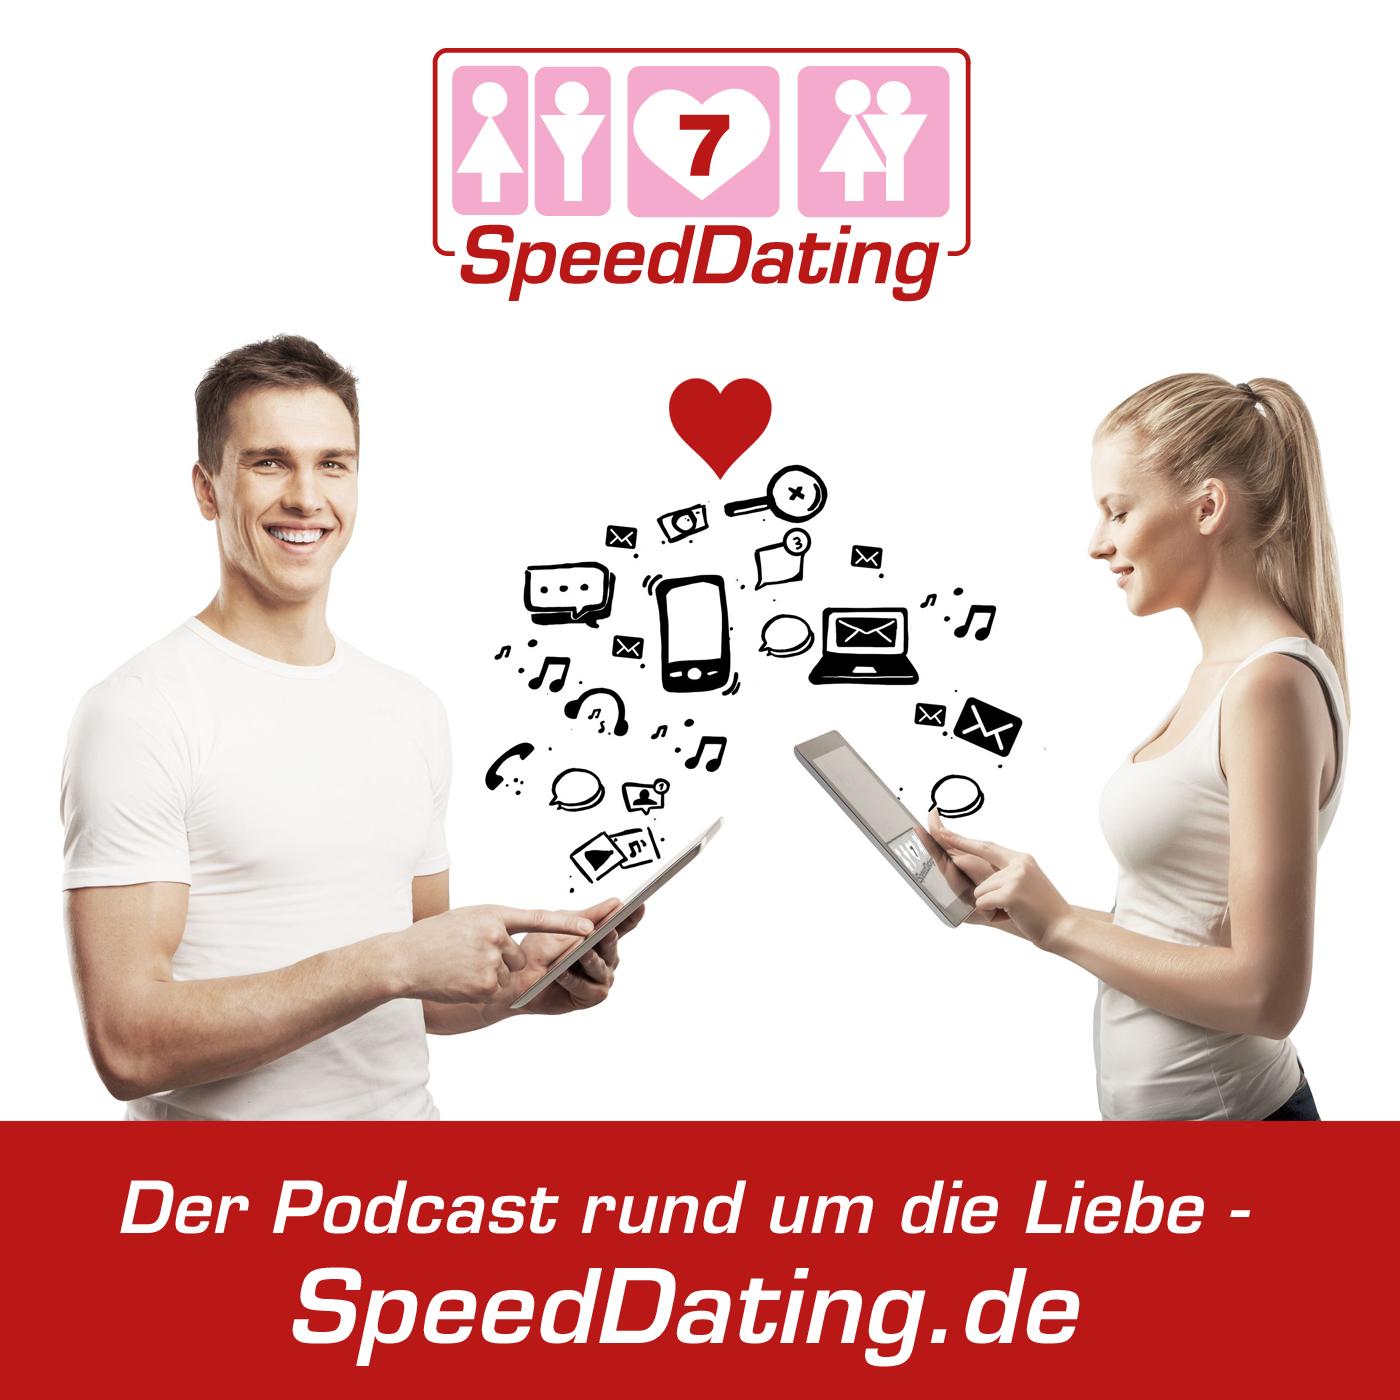 Podcast rund um die Liebe – SpeedDating.de